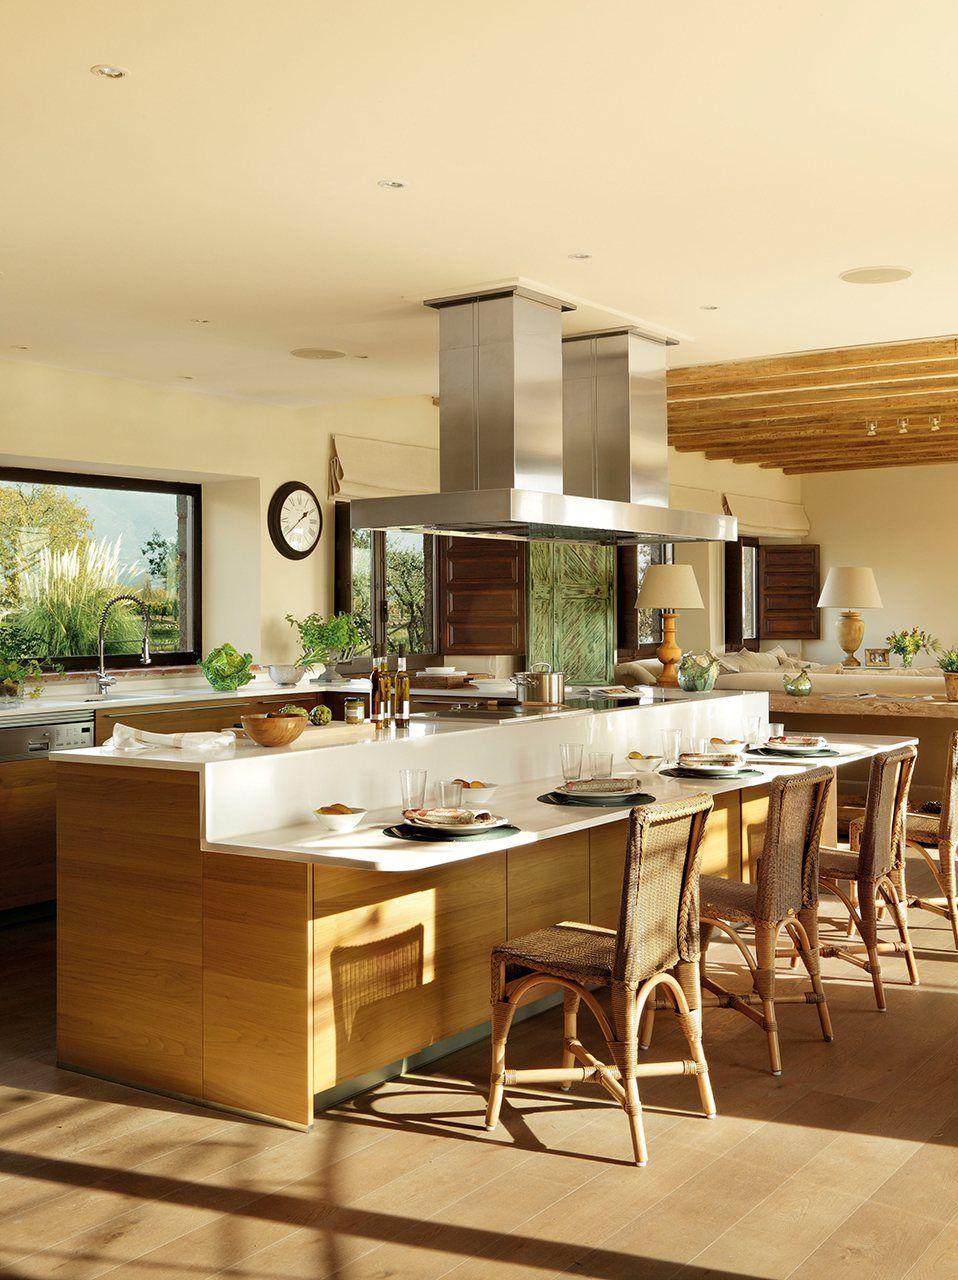 La isla centro de la cocina la cocina es un espacio for Cocina integral con isla central